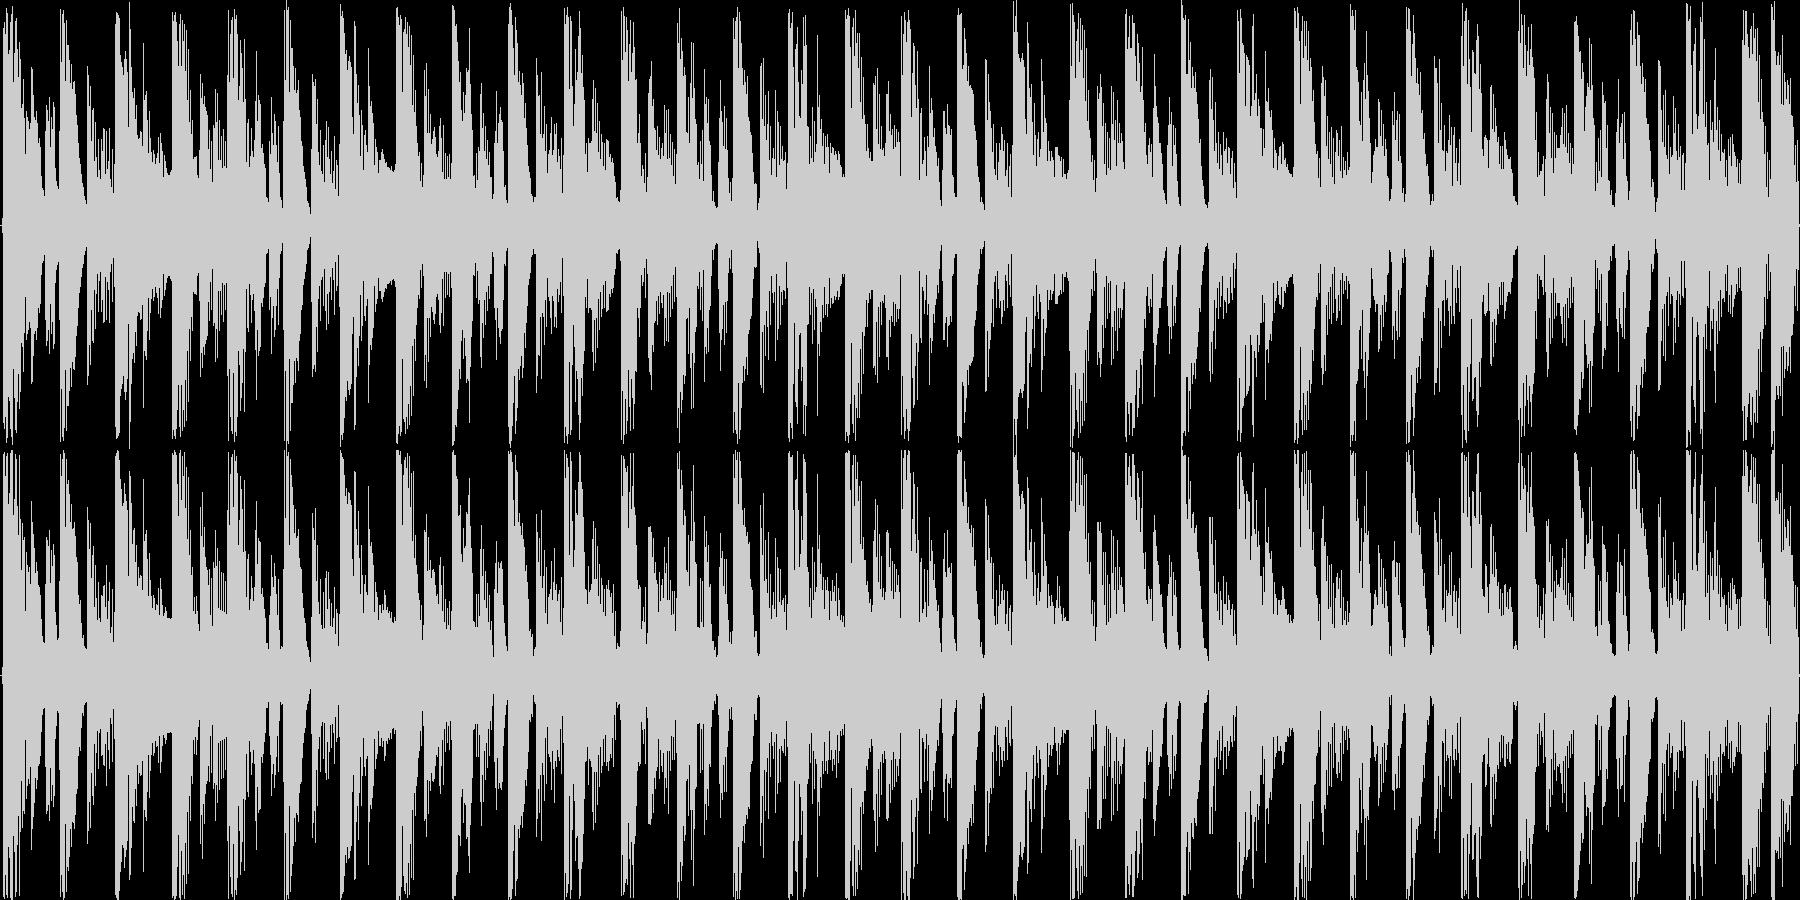 ハウスのリズムを基本にした楽曲です。の未再生の波形